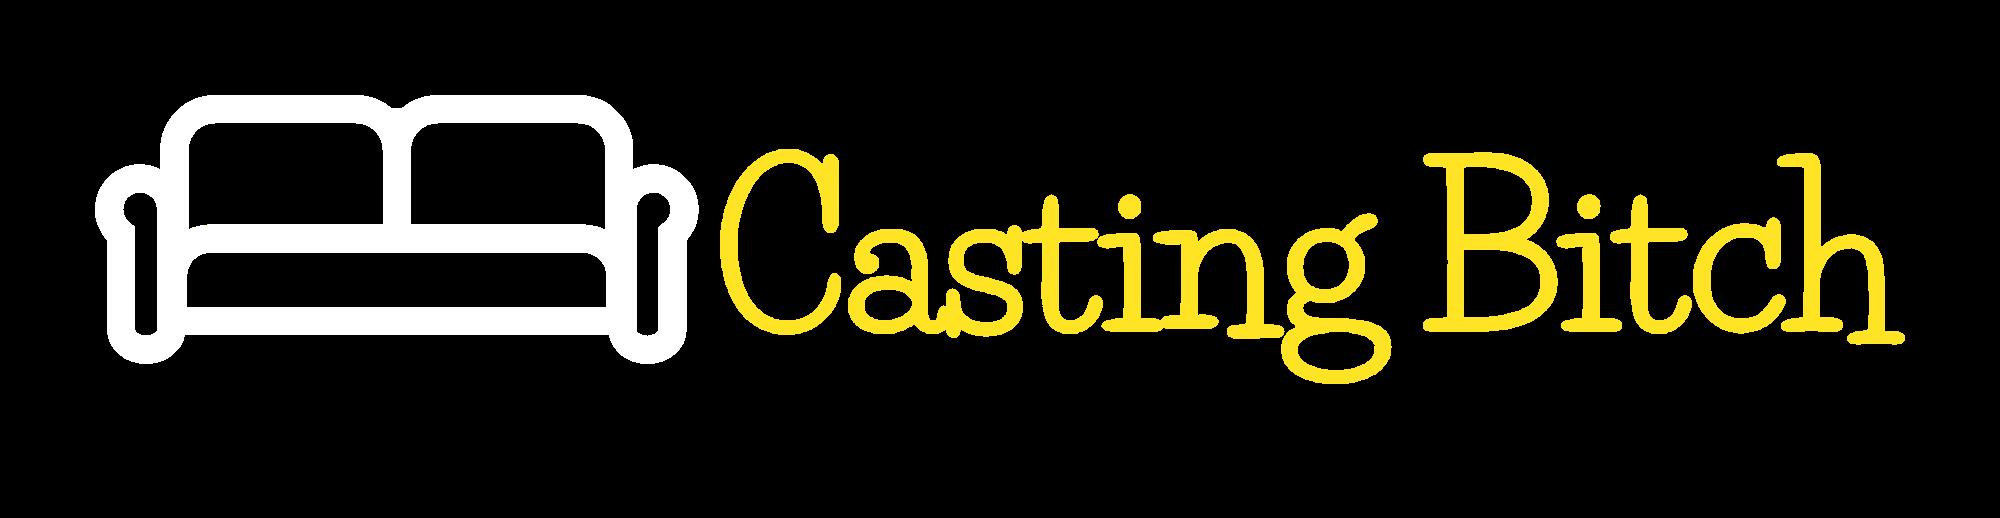 CastingBitch.com